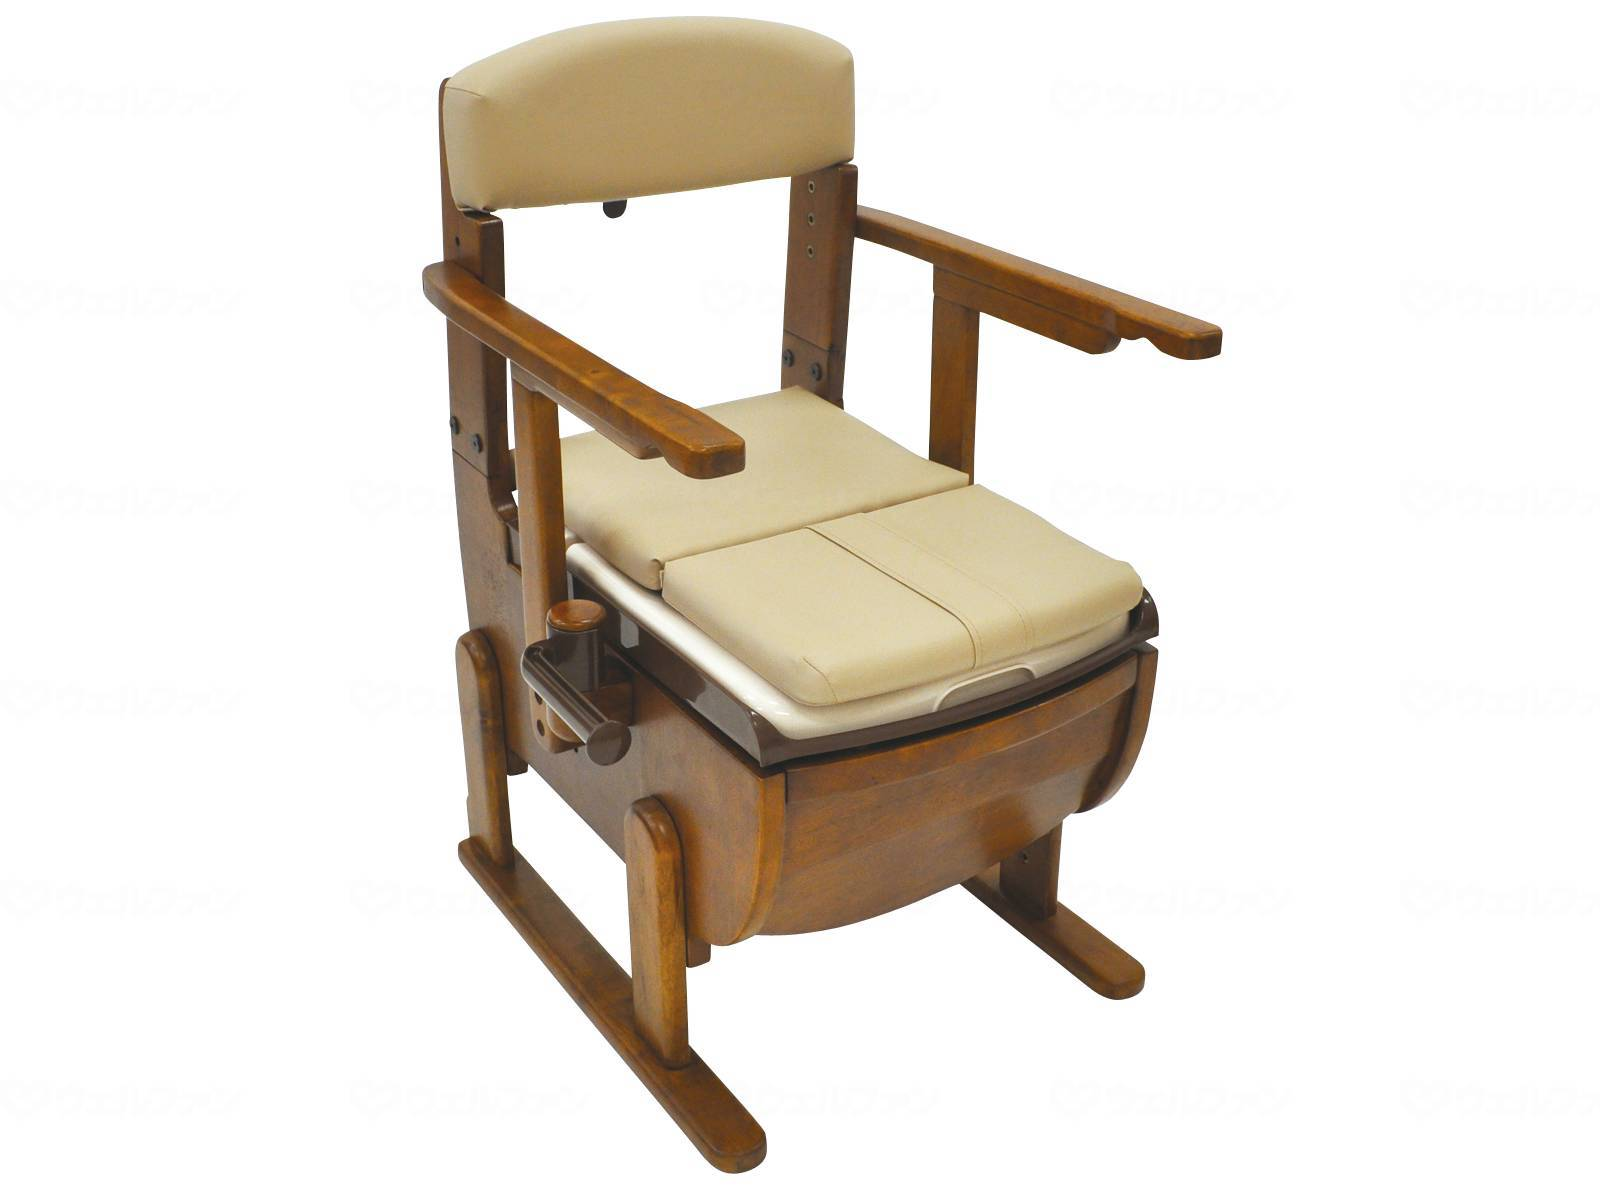 家具調ポータブルトイレ スリムレットEX 肘掛固定 ソフト便座